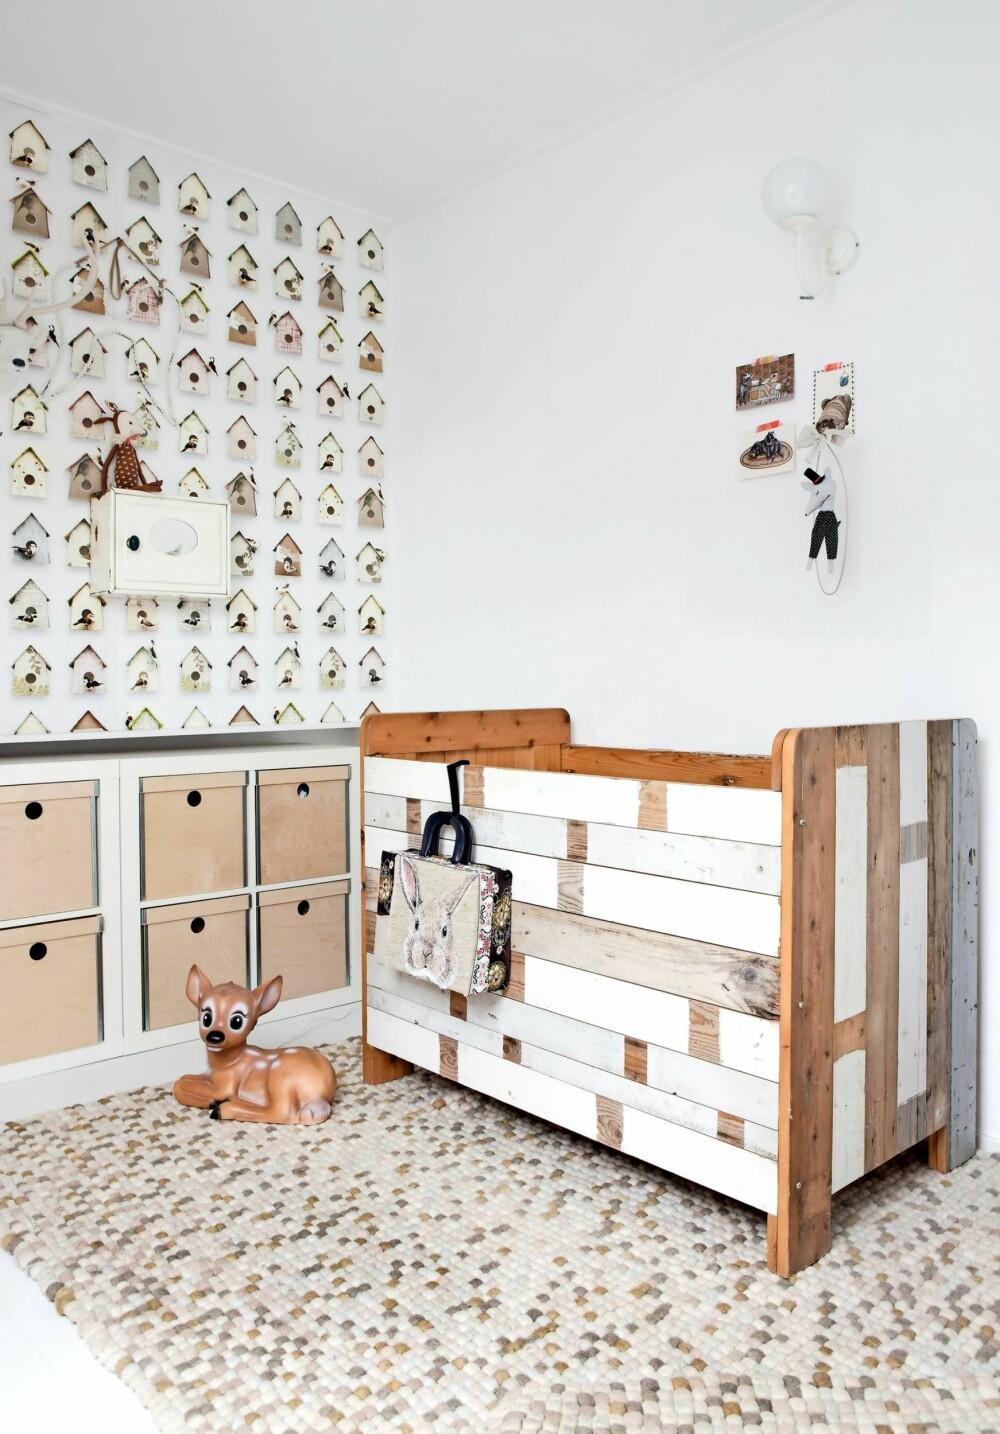 BARNEROMMET: Tapetet med fuglehus på Amelies rom er fra Studio Ditte. Sengen er fra Huis & Grietje. De selger håndlagde møbler av restetre. Bambi-lampen er fra Saartje Prum (saartjeprum.nl) og teppet fra Leen Bakker.